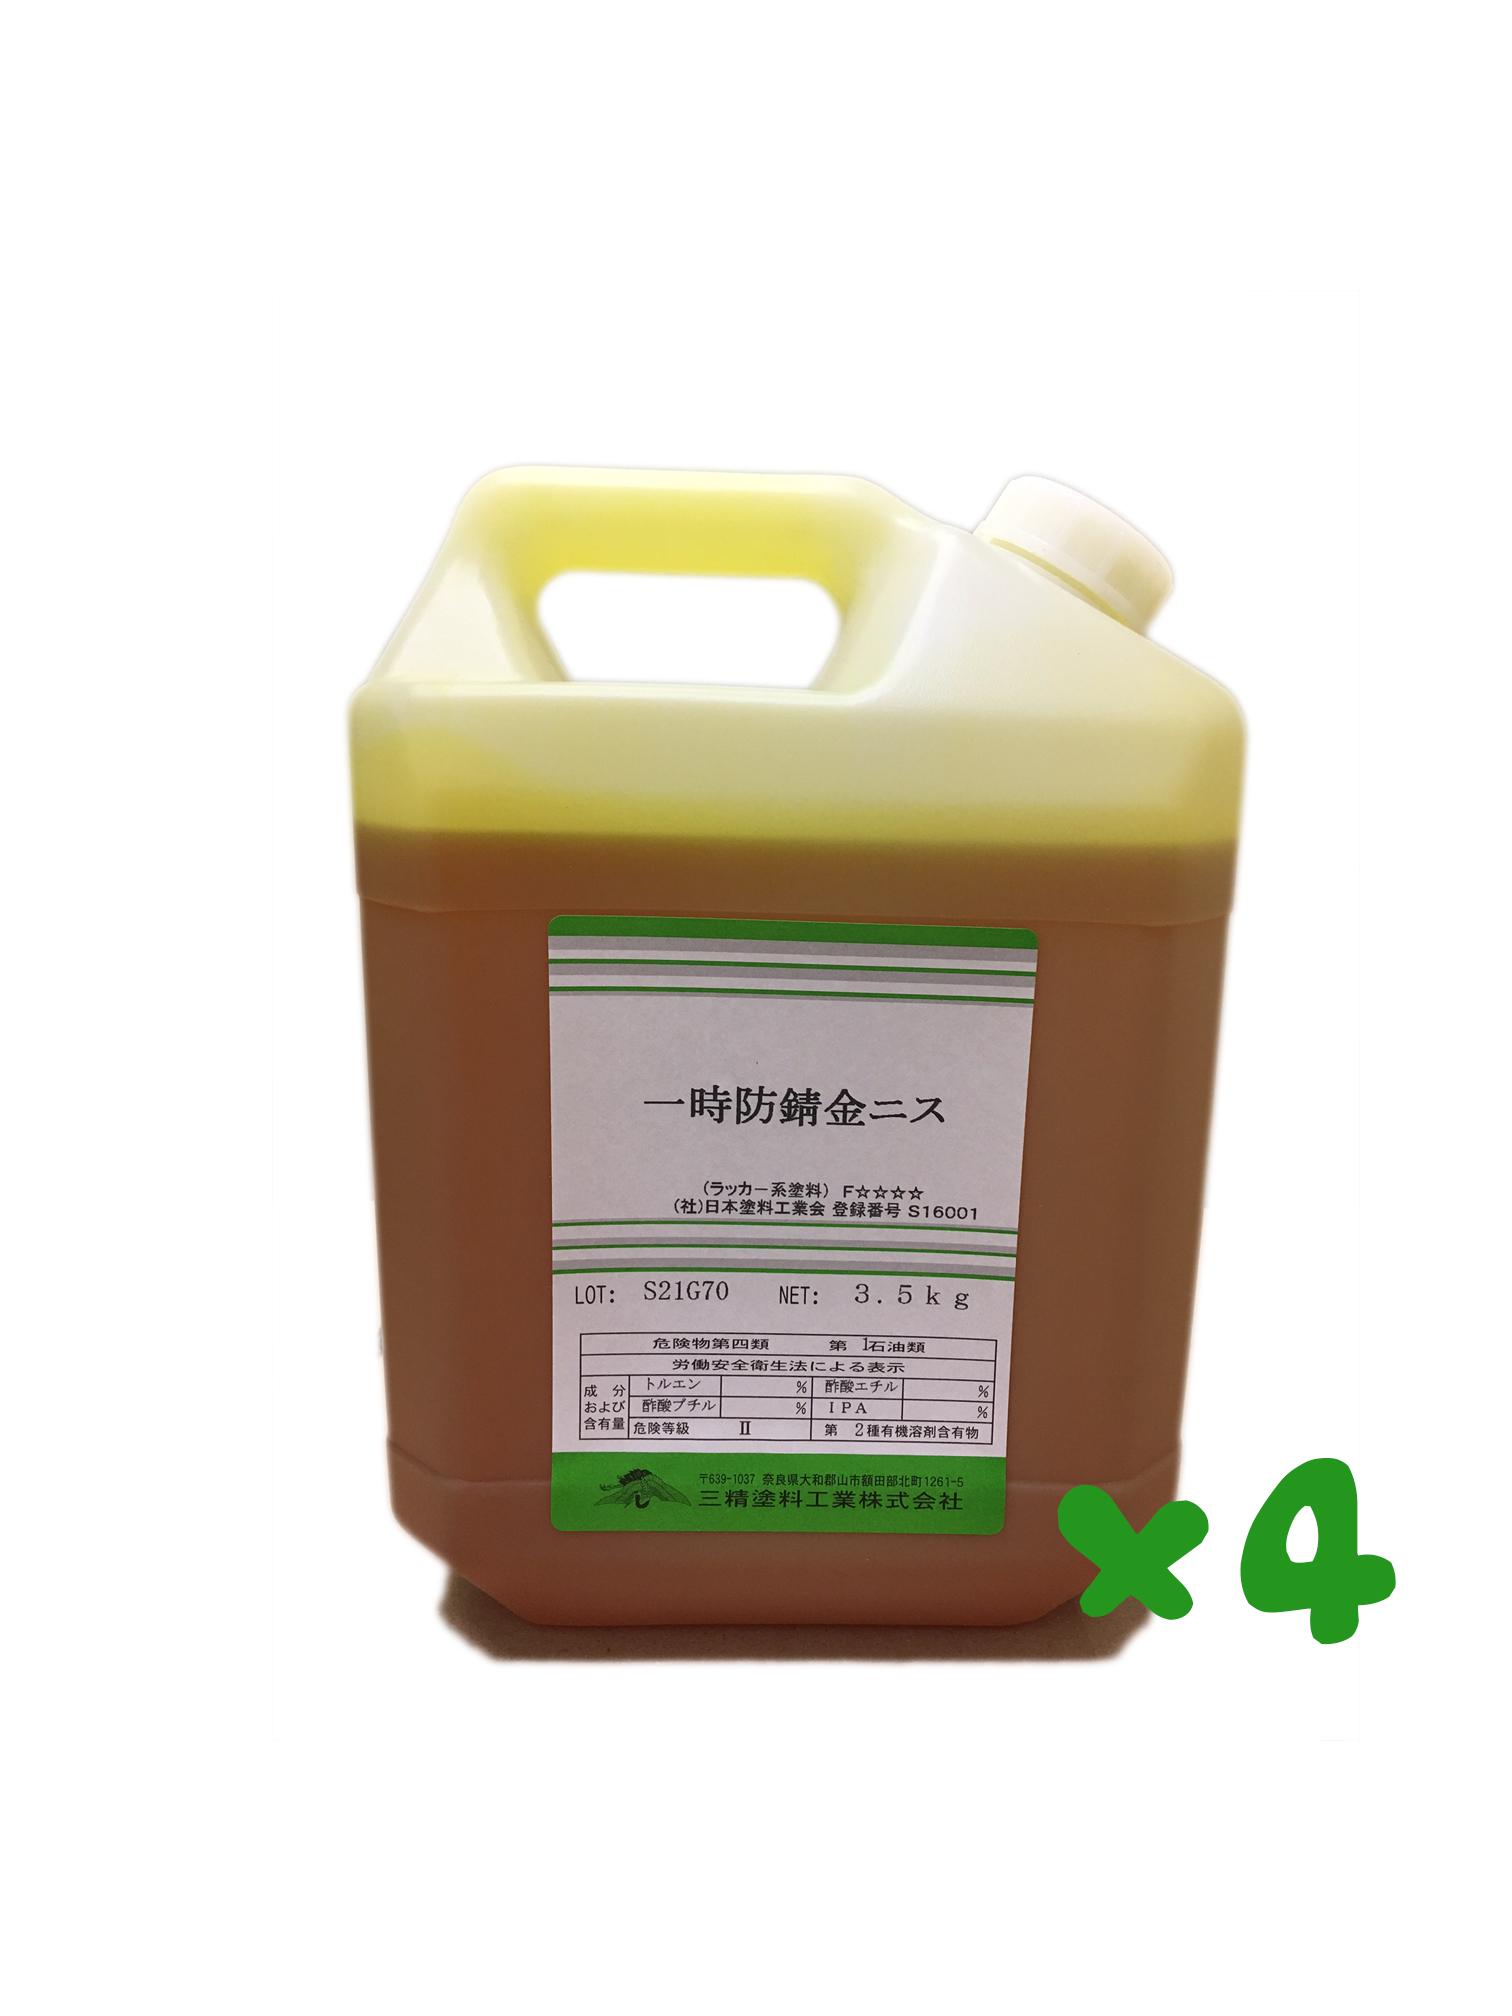 SALC000135(1C)